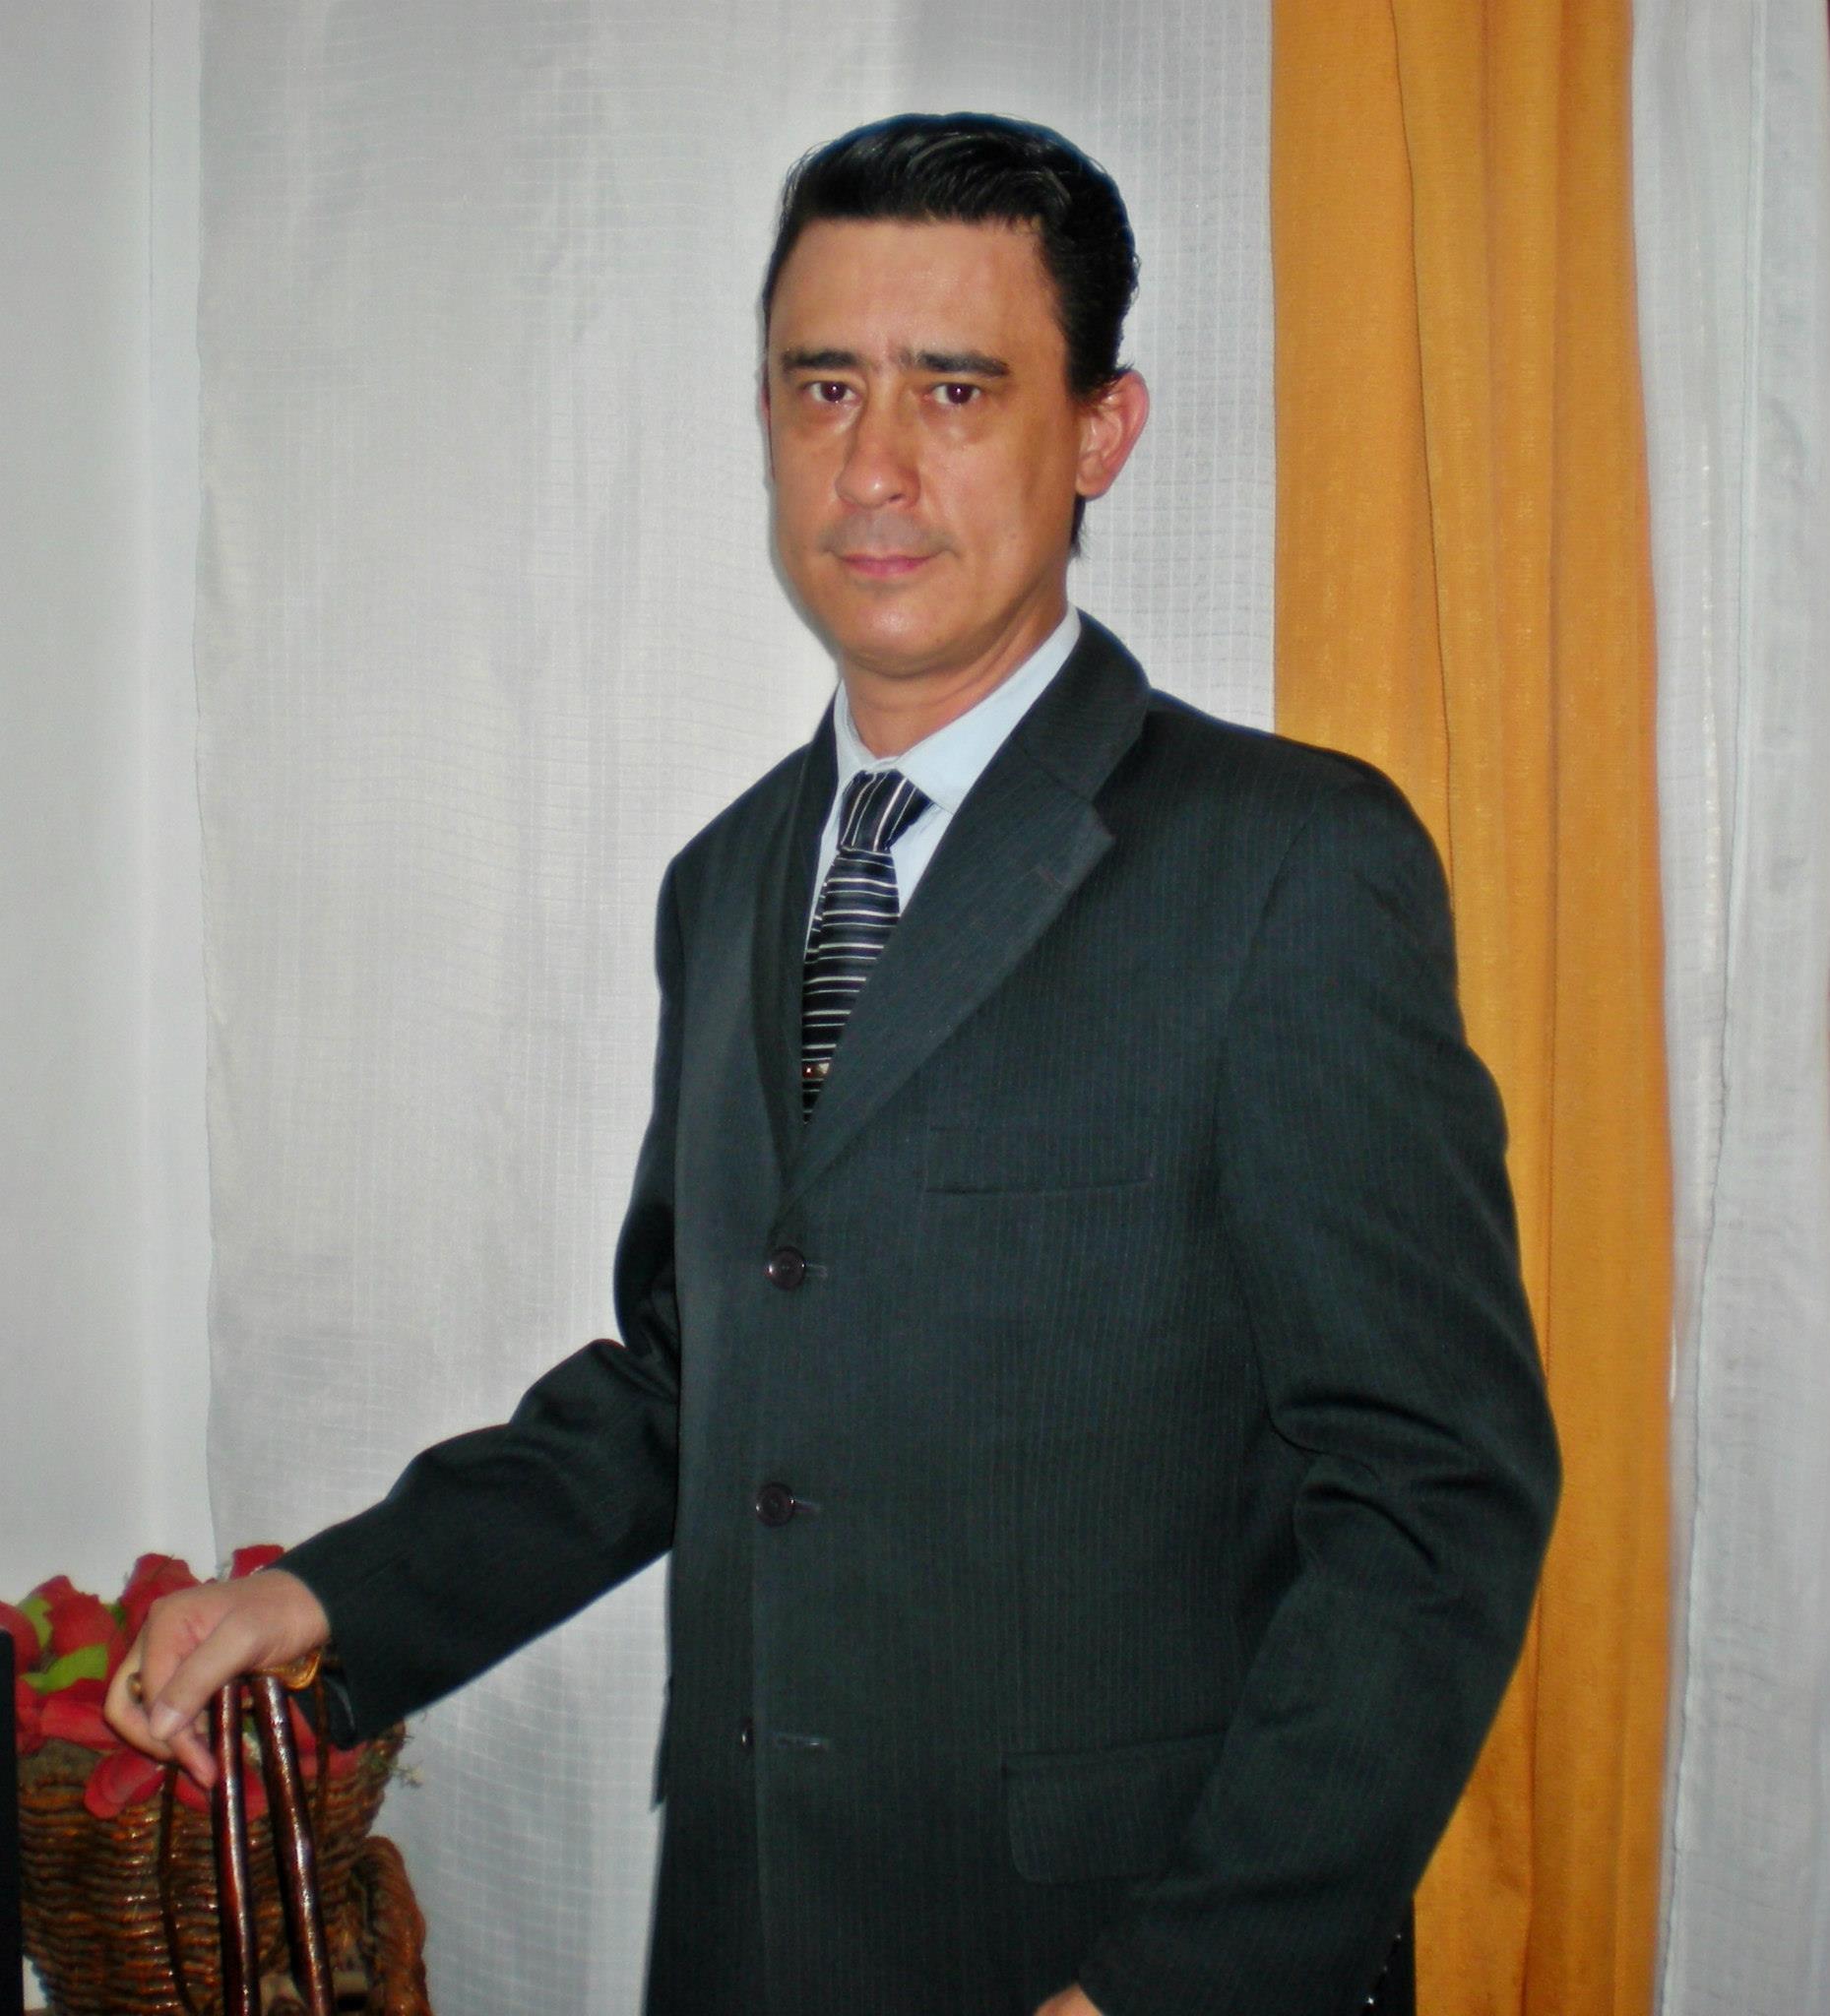 PB. LIVALDO A. G. DE GODOI